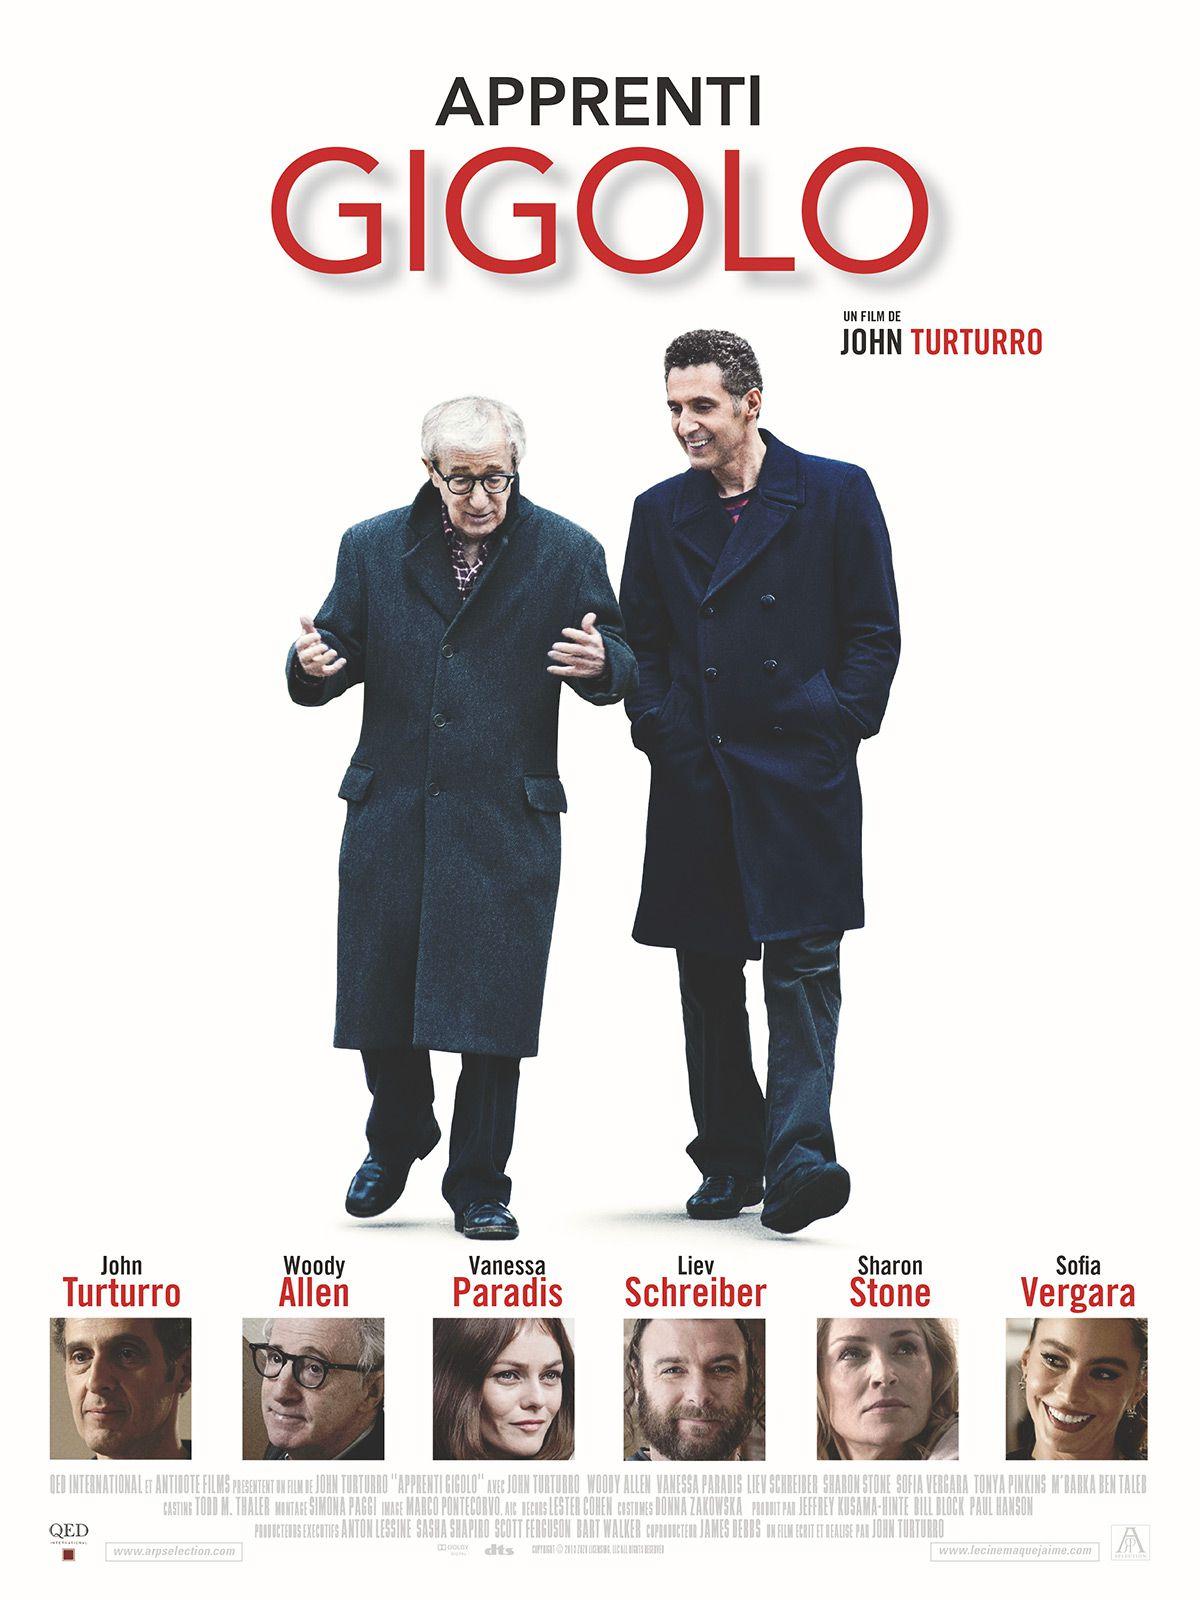 Apprenti Gigolo - Film (2014)